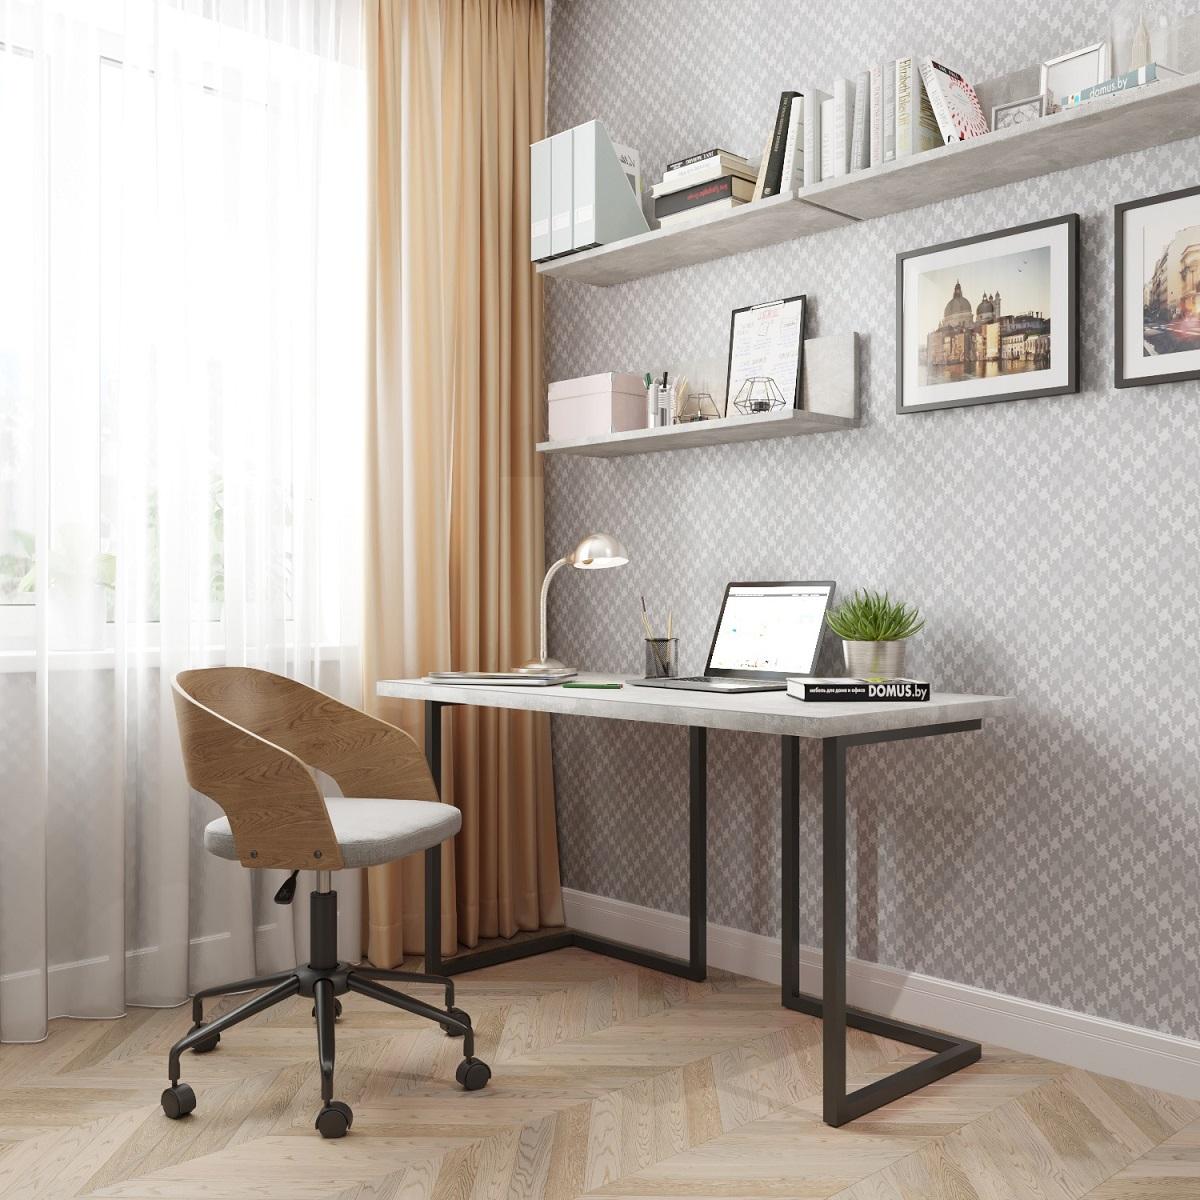 Письменный стол ДОМУС Урбан-1 бетон серый/металл черный